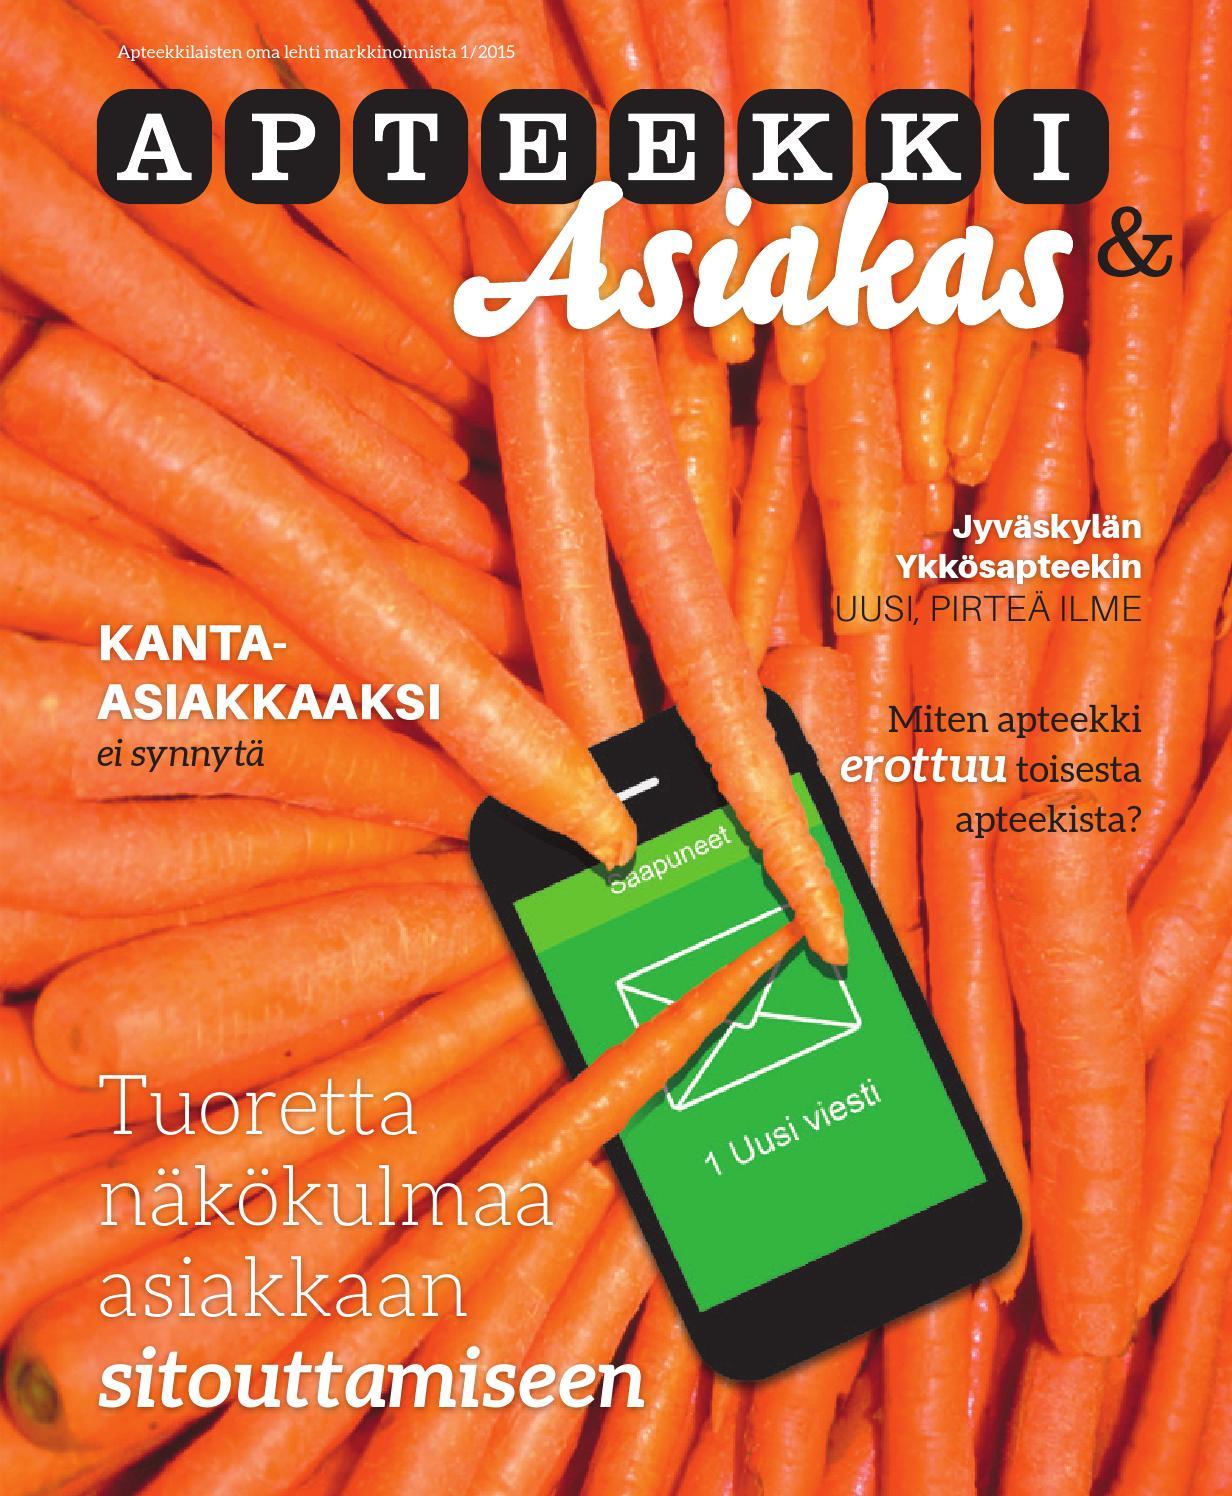 Abc Apteekki